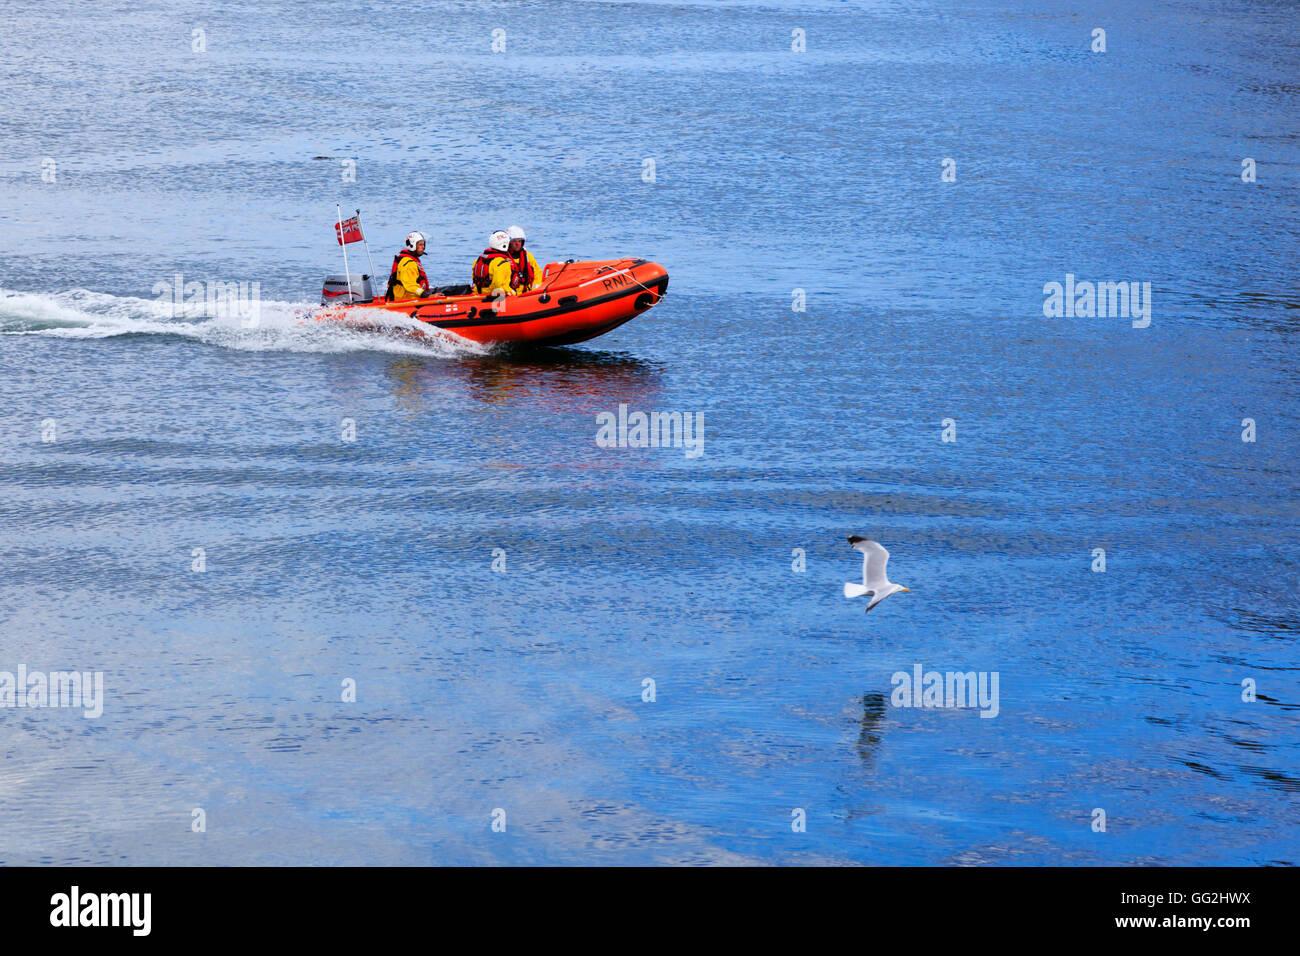 rnli-inshore-rescue-boat-in-whitby-harbo